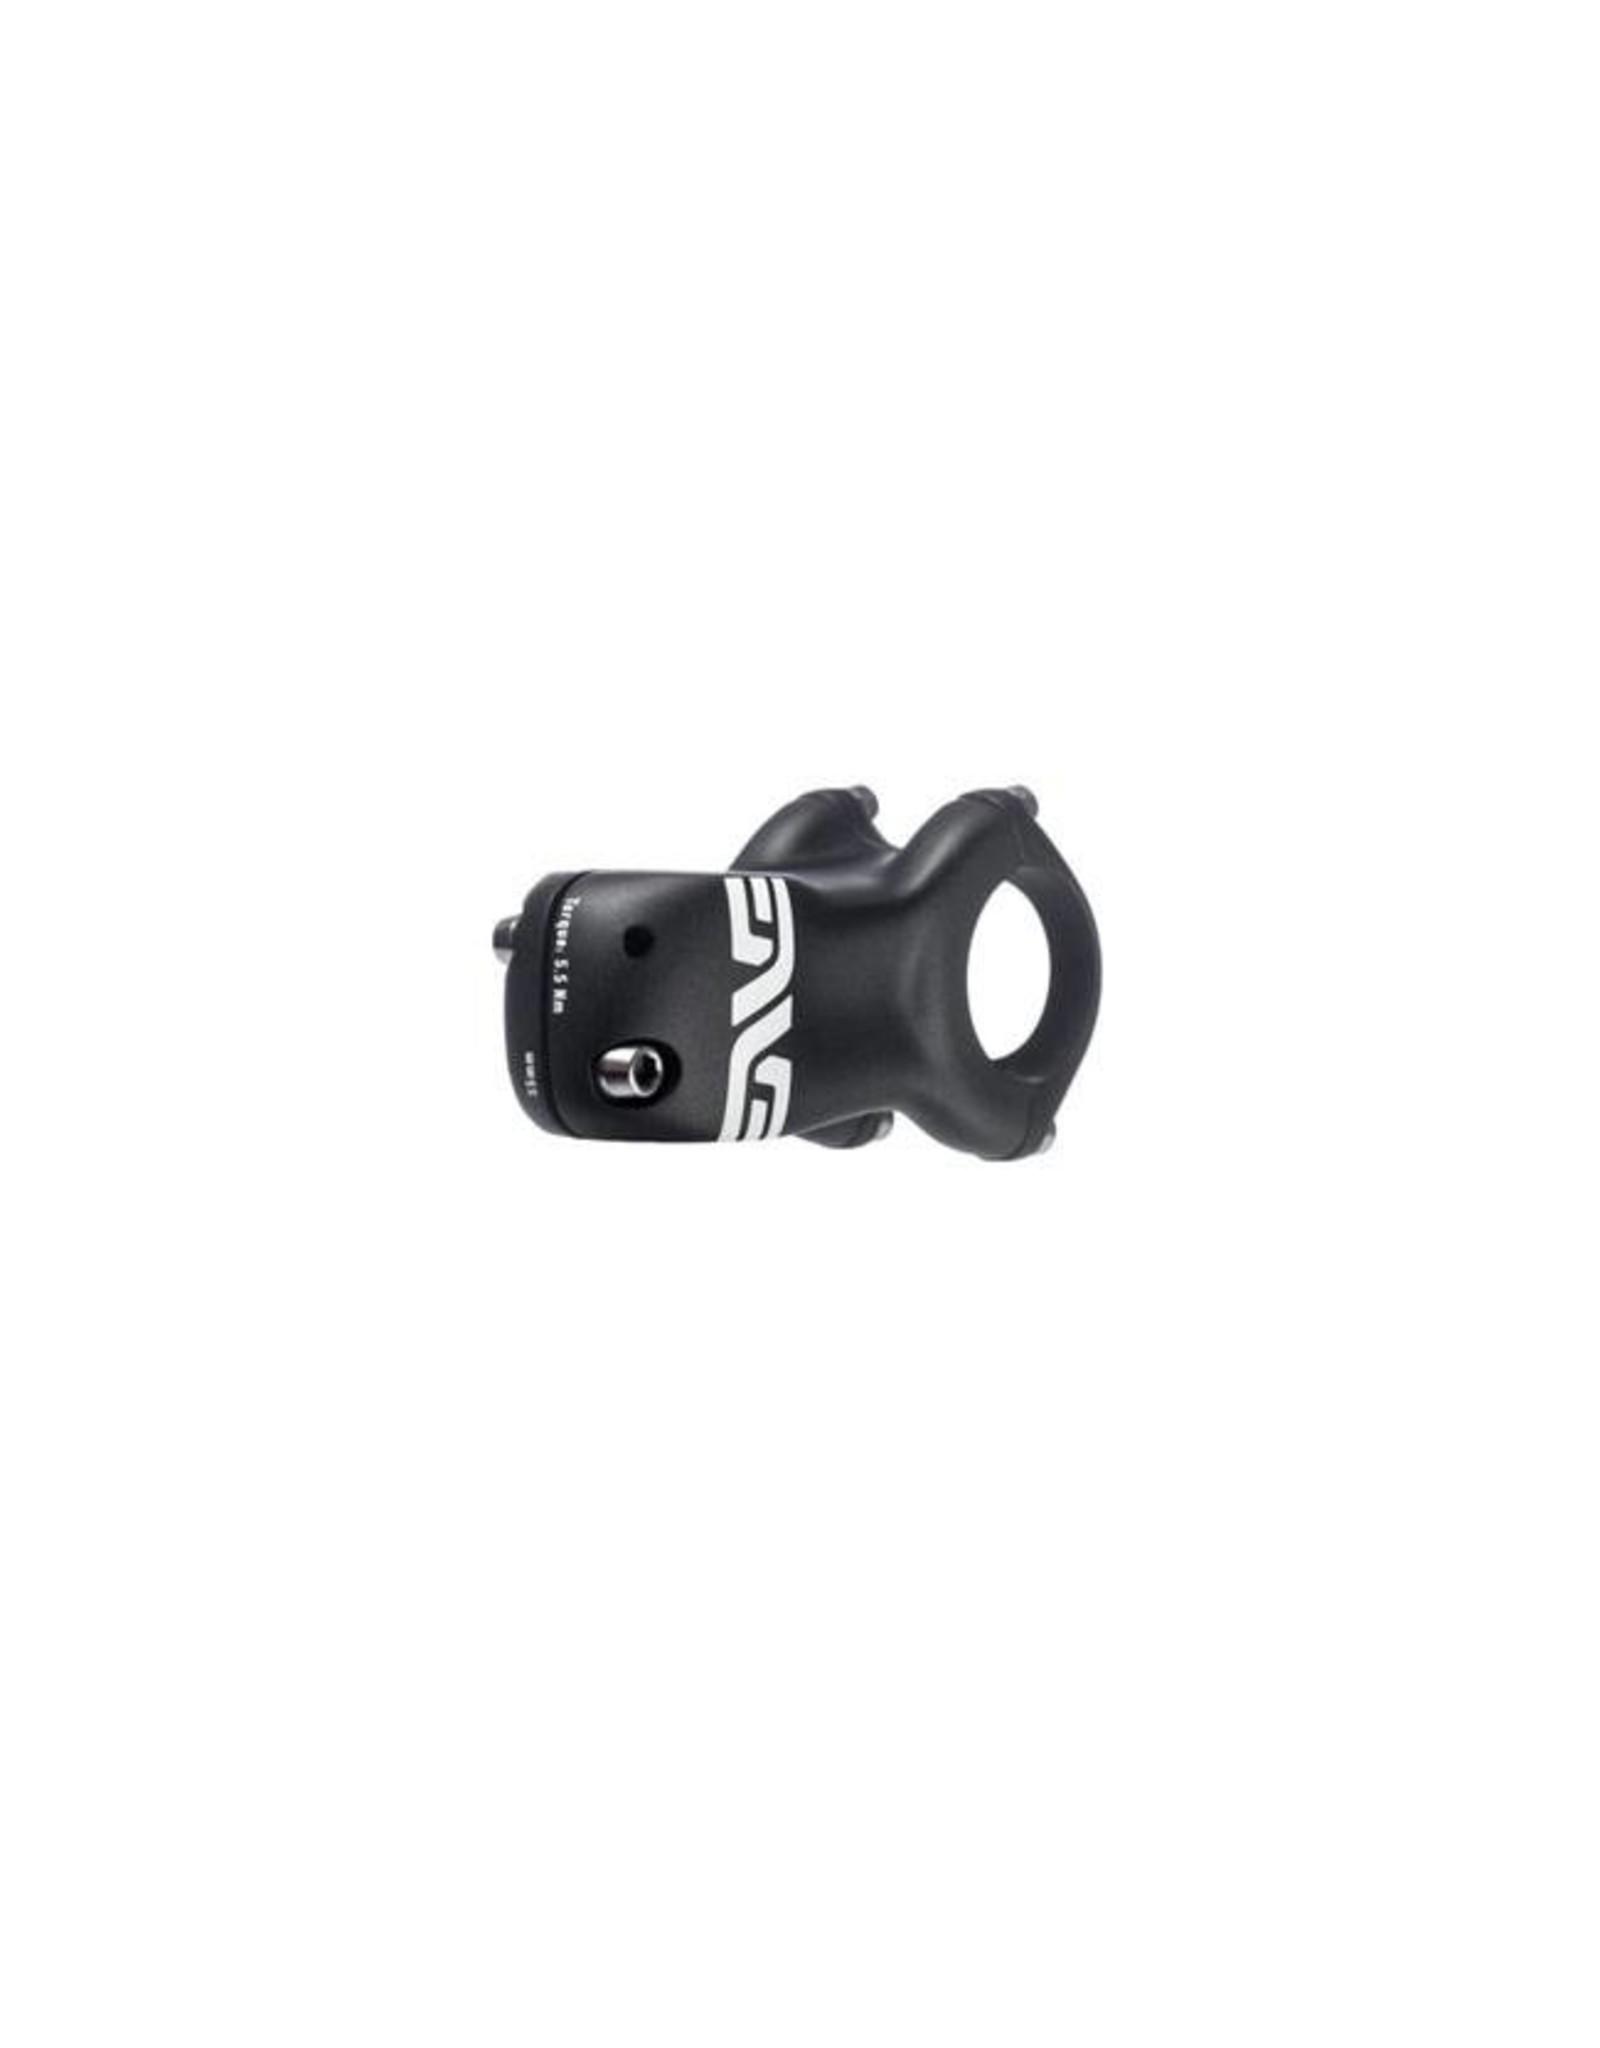 ENVE Composites ENVE Carbon MTN Stem 31.8 x 55mm Black